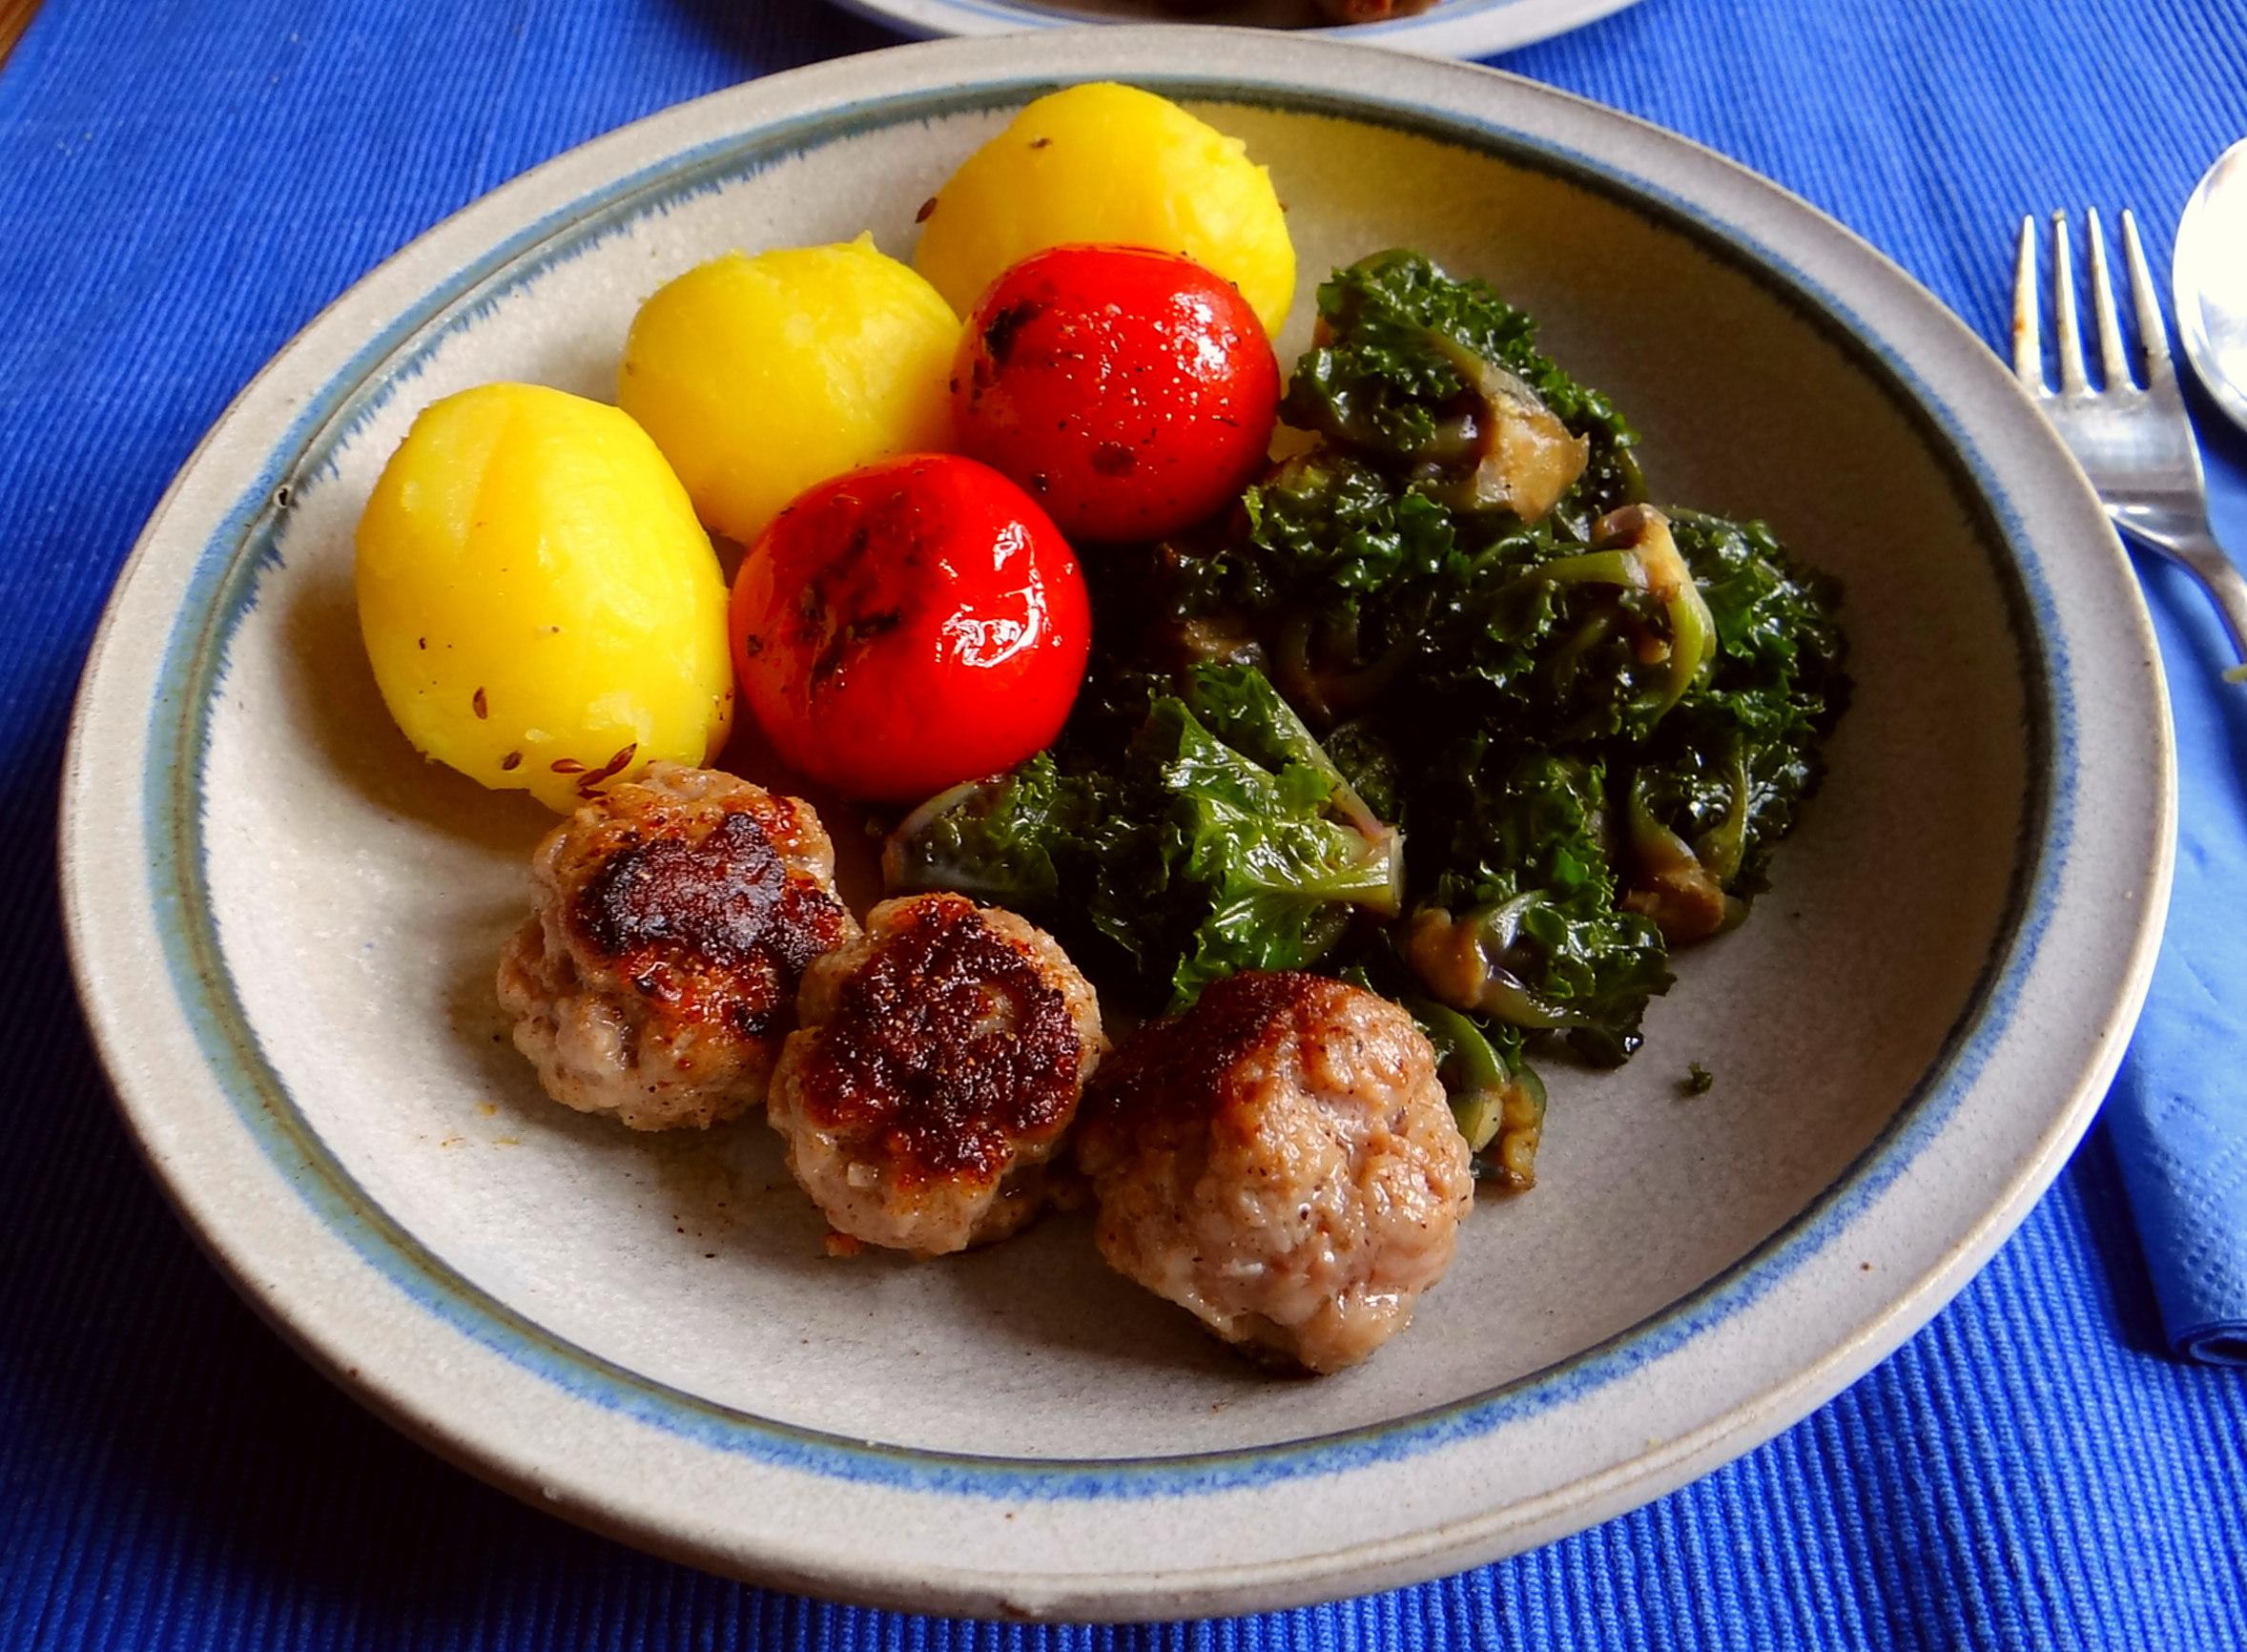 Kohlröschen,Tomaten,Mettbällchen (2)